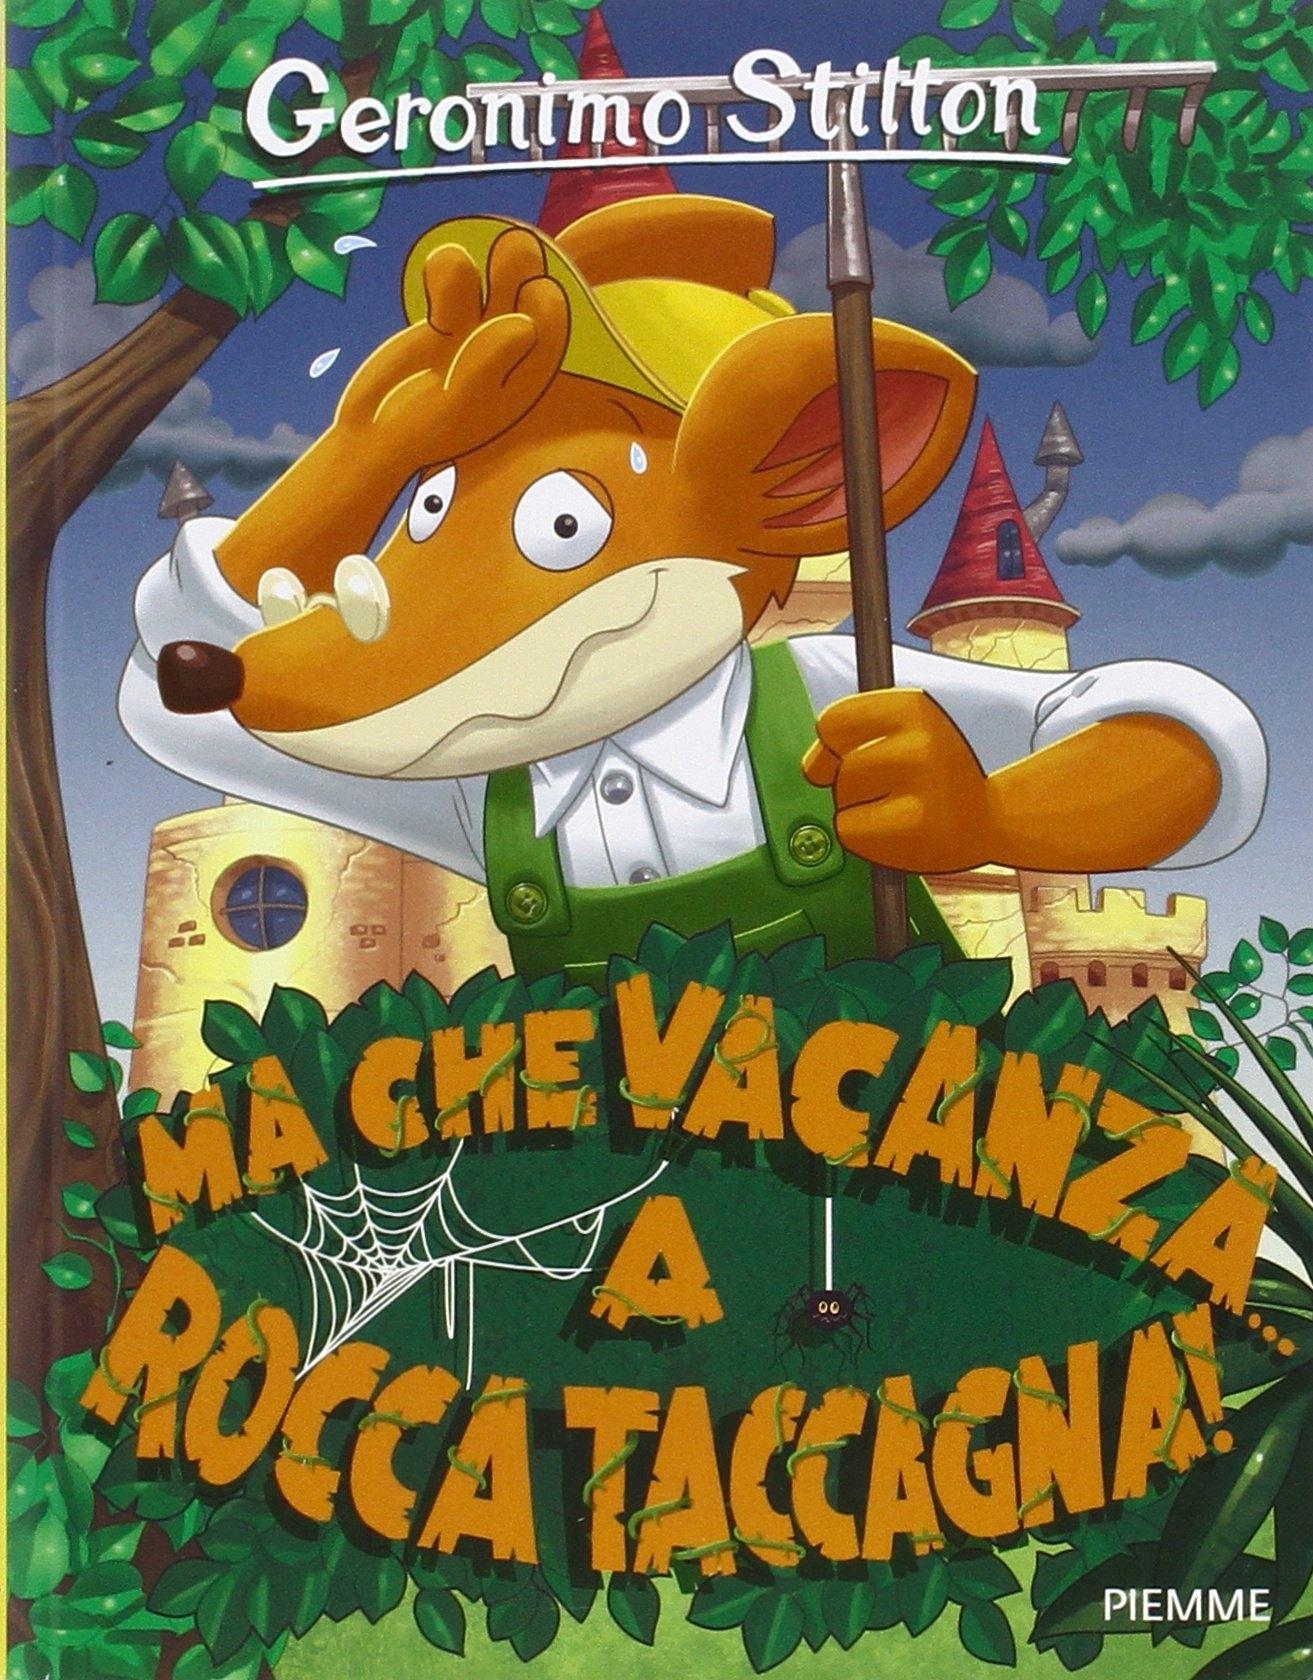 Ma che vacanze... a Rocca Taccagna!